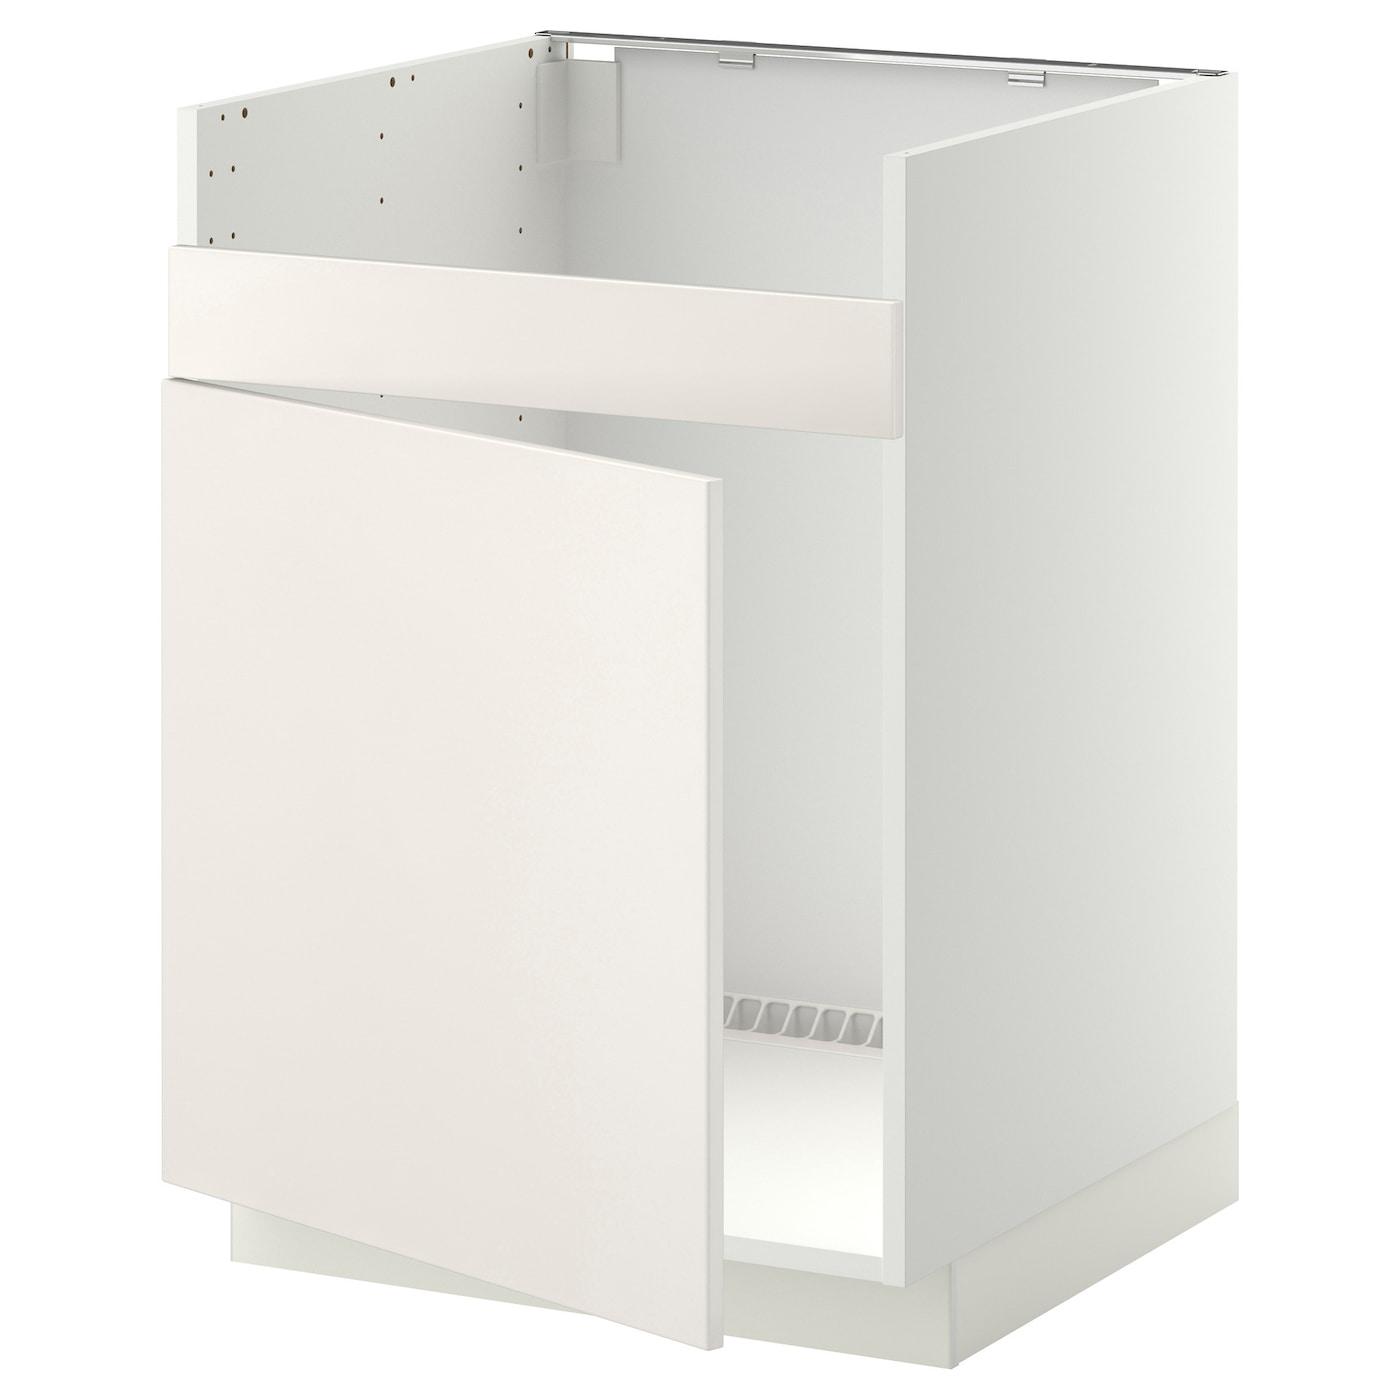 METOD   Küche und Esszimmer > Küchenschränke > Küchen-Unterschränke   Weiß   IKEA